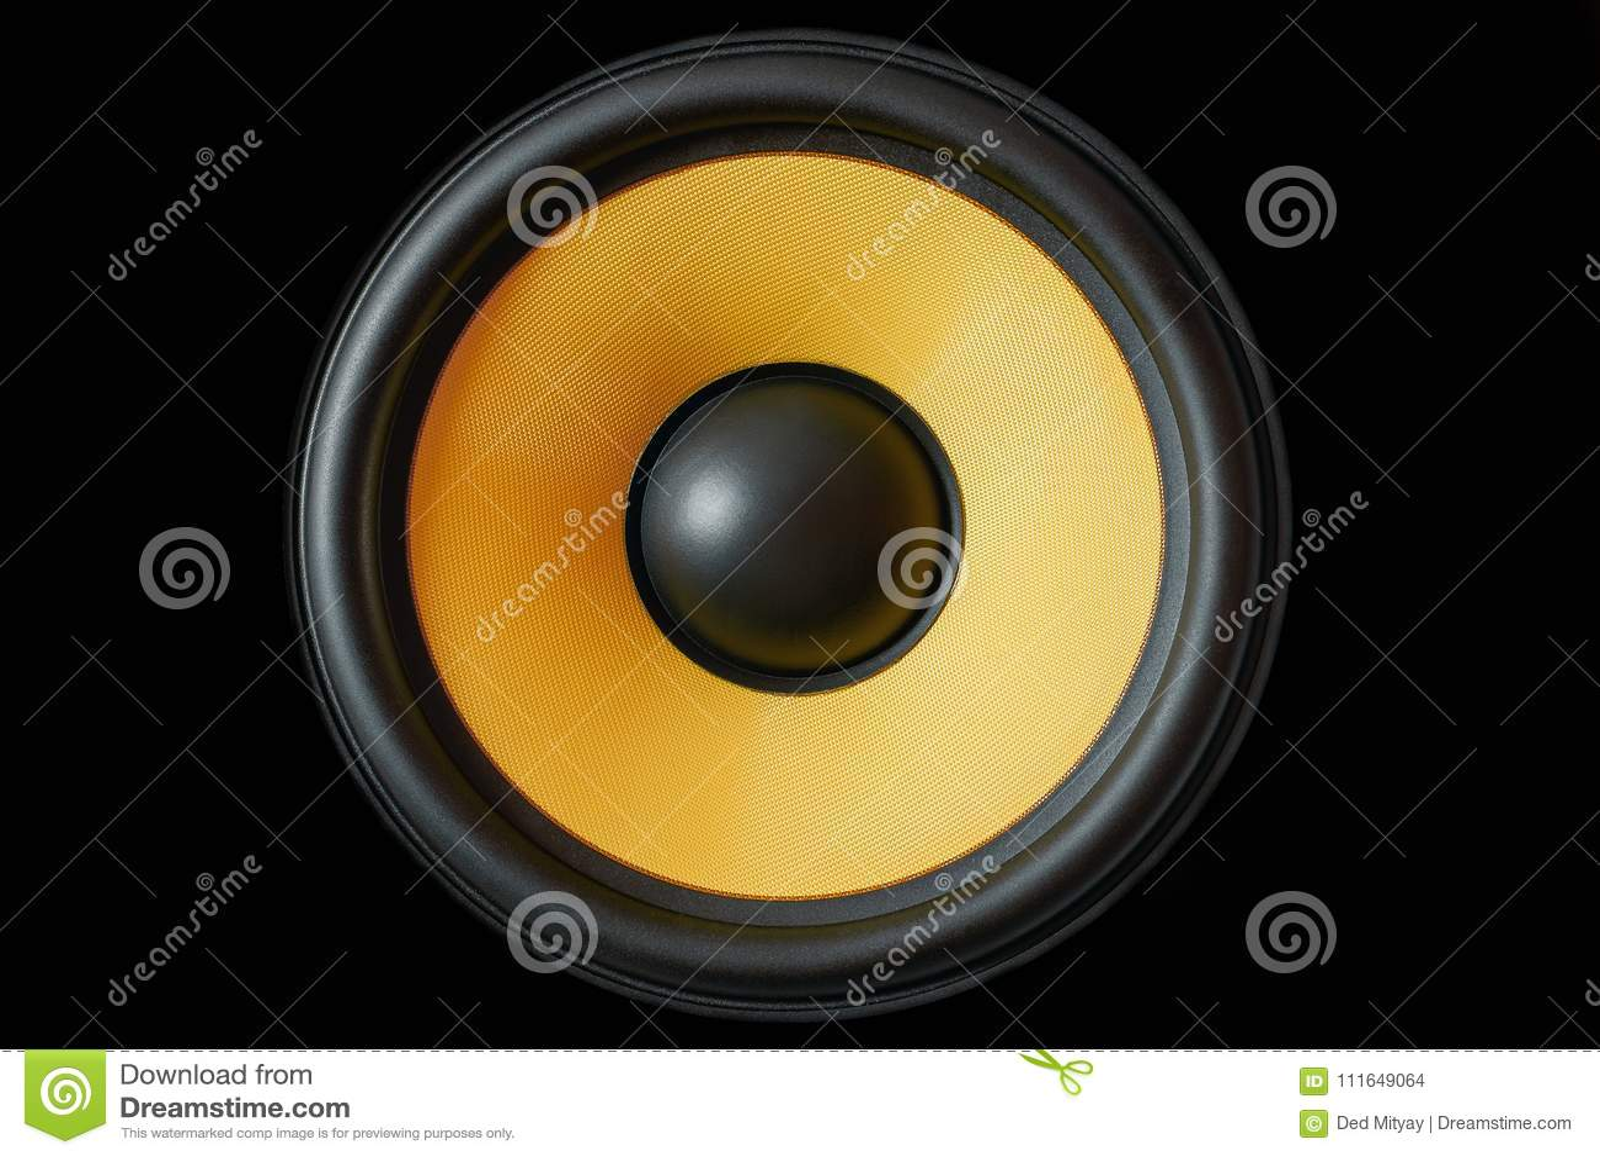 Membrana do Subwoofer ou orador dinâmico do som isolado no fundo preto, fim de alta fidelidade amarelo do altifalante acima